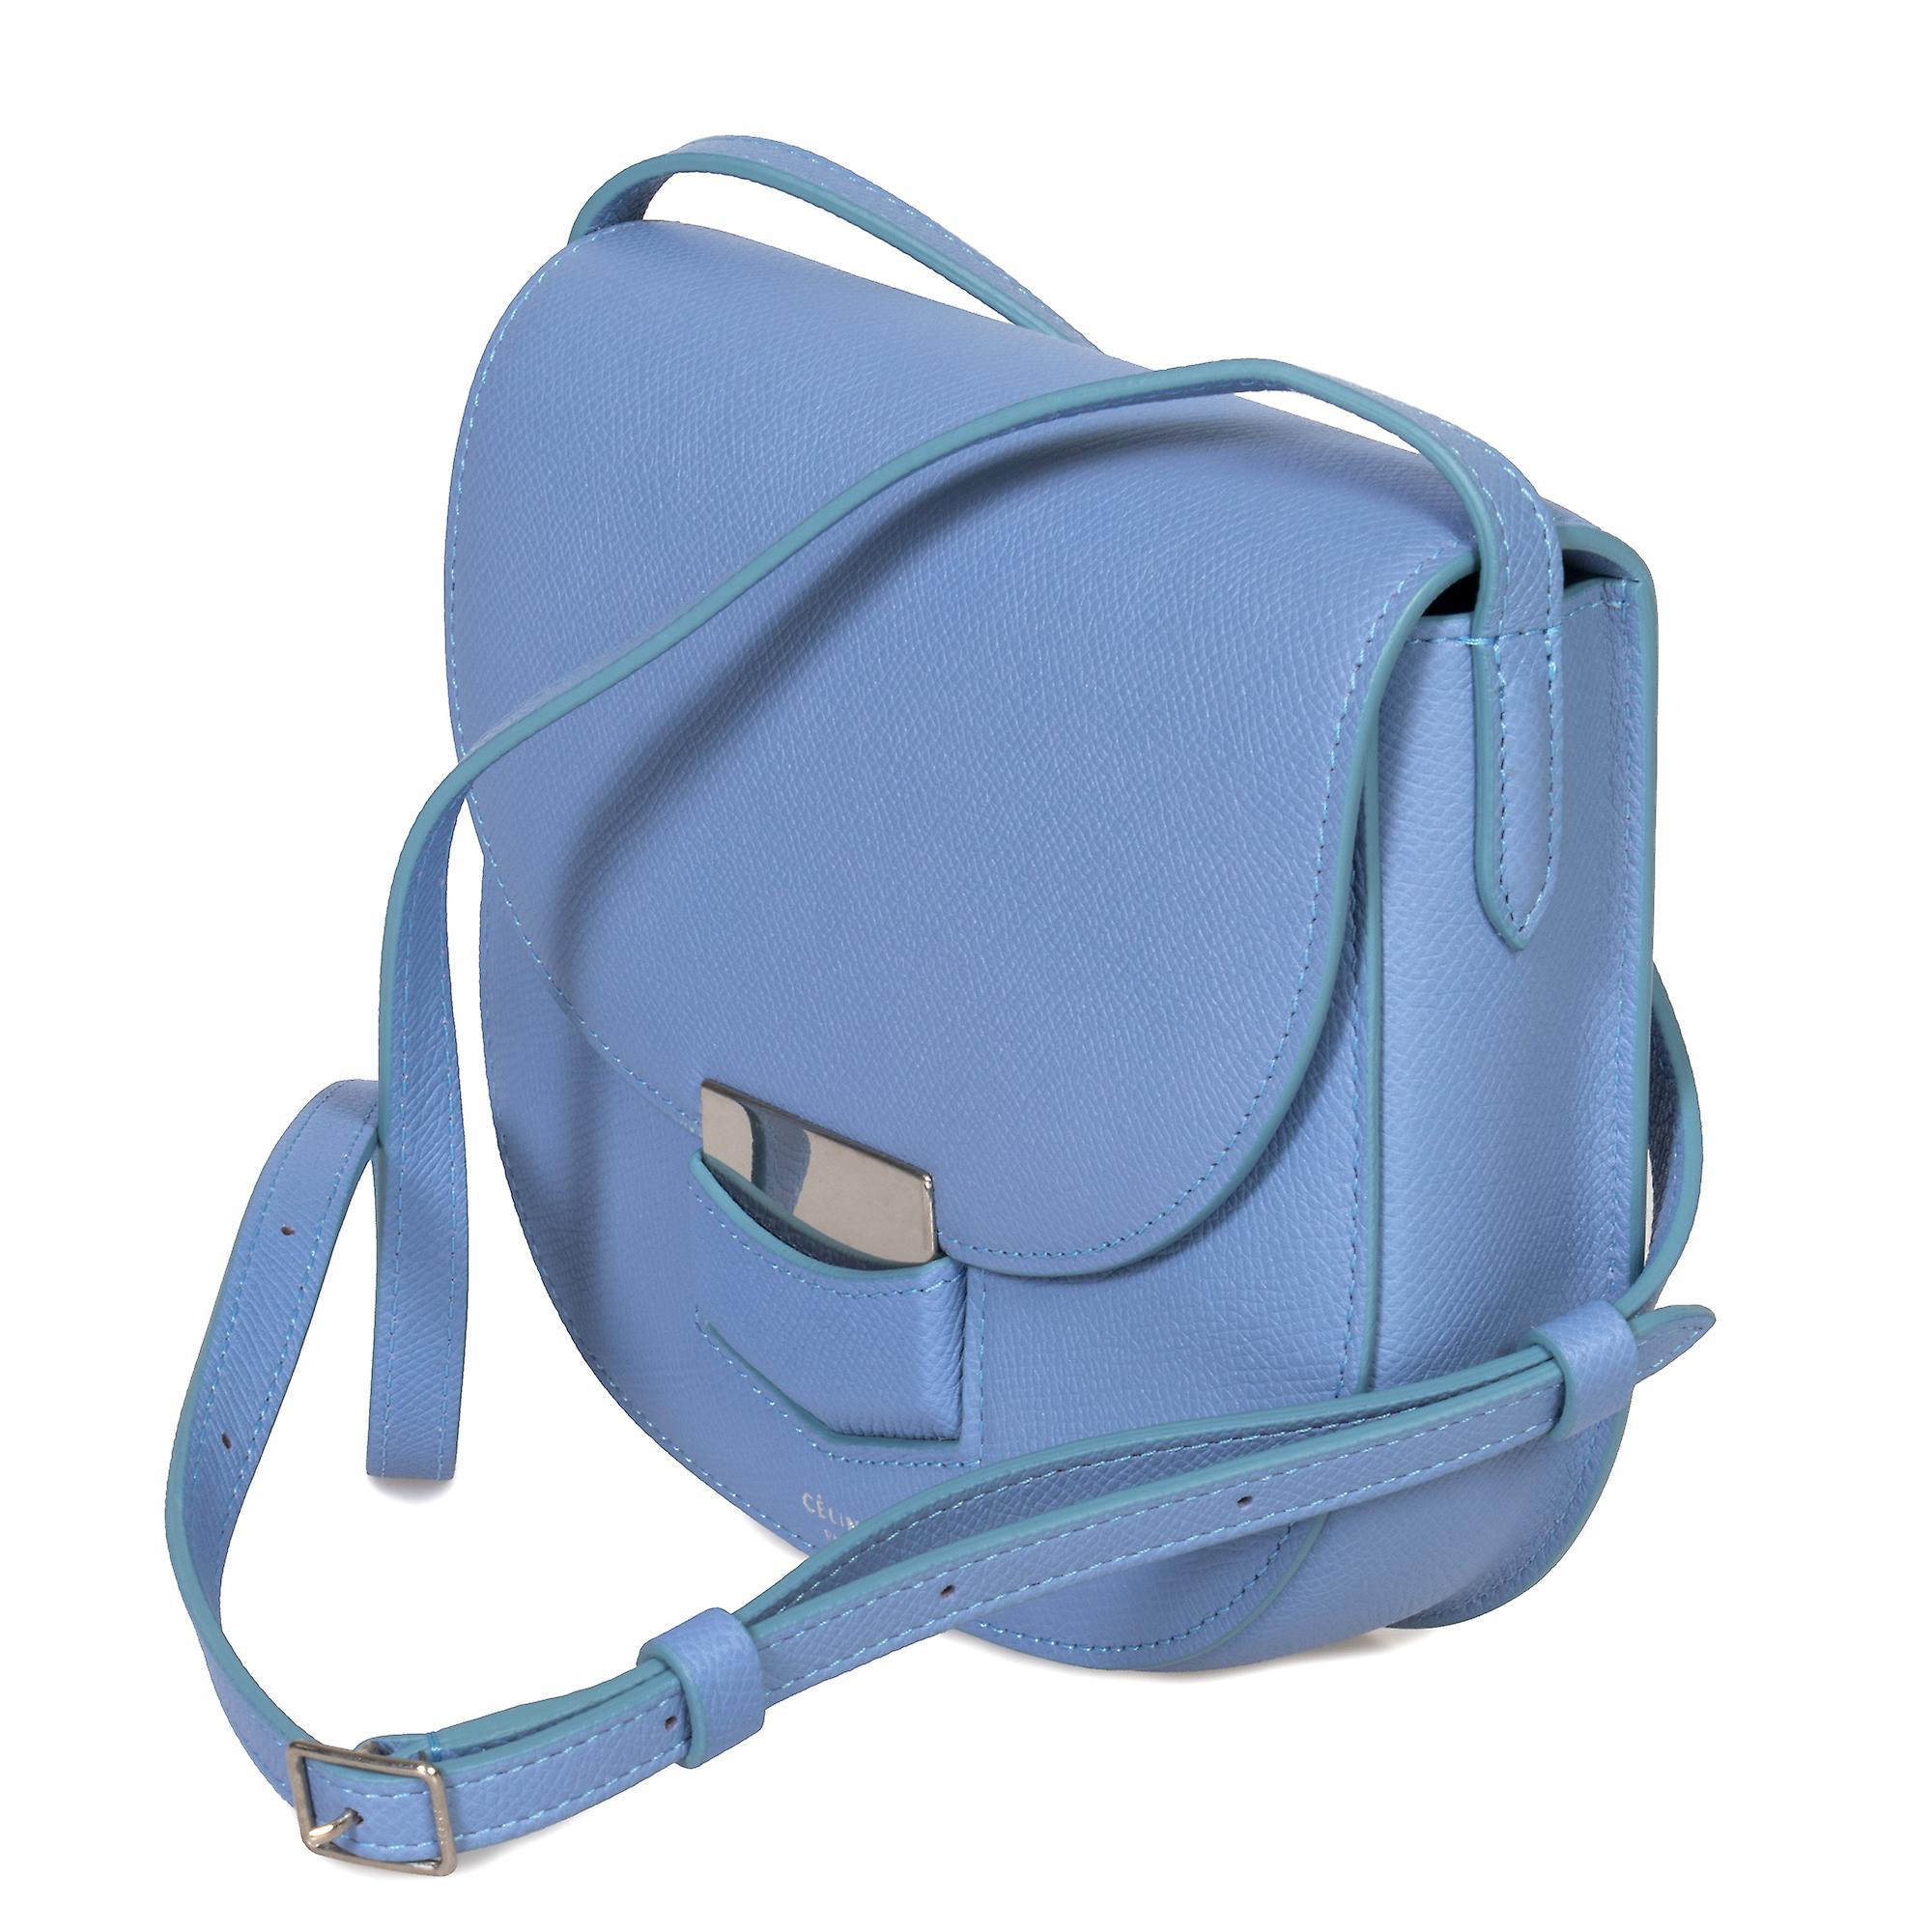 Celine små Trotteur bassenget blå kornet kalveskinn Lær Crossbody Bag